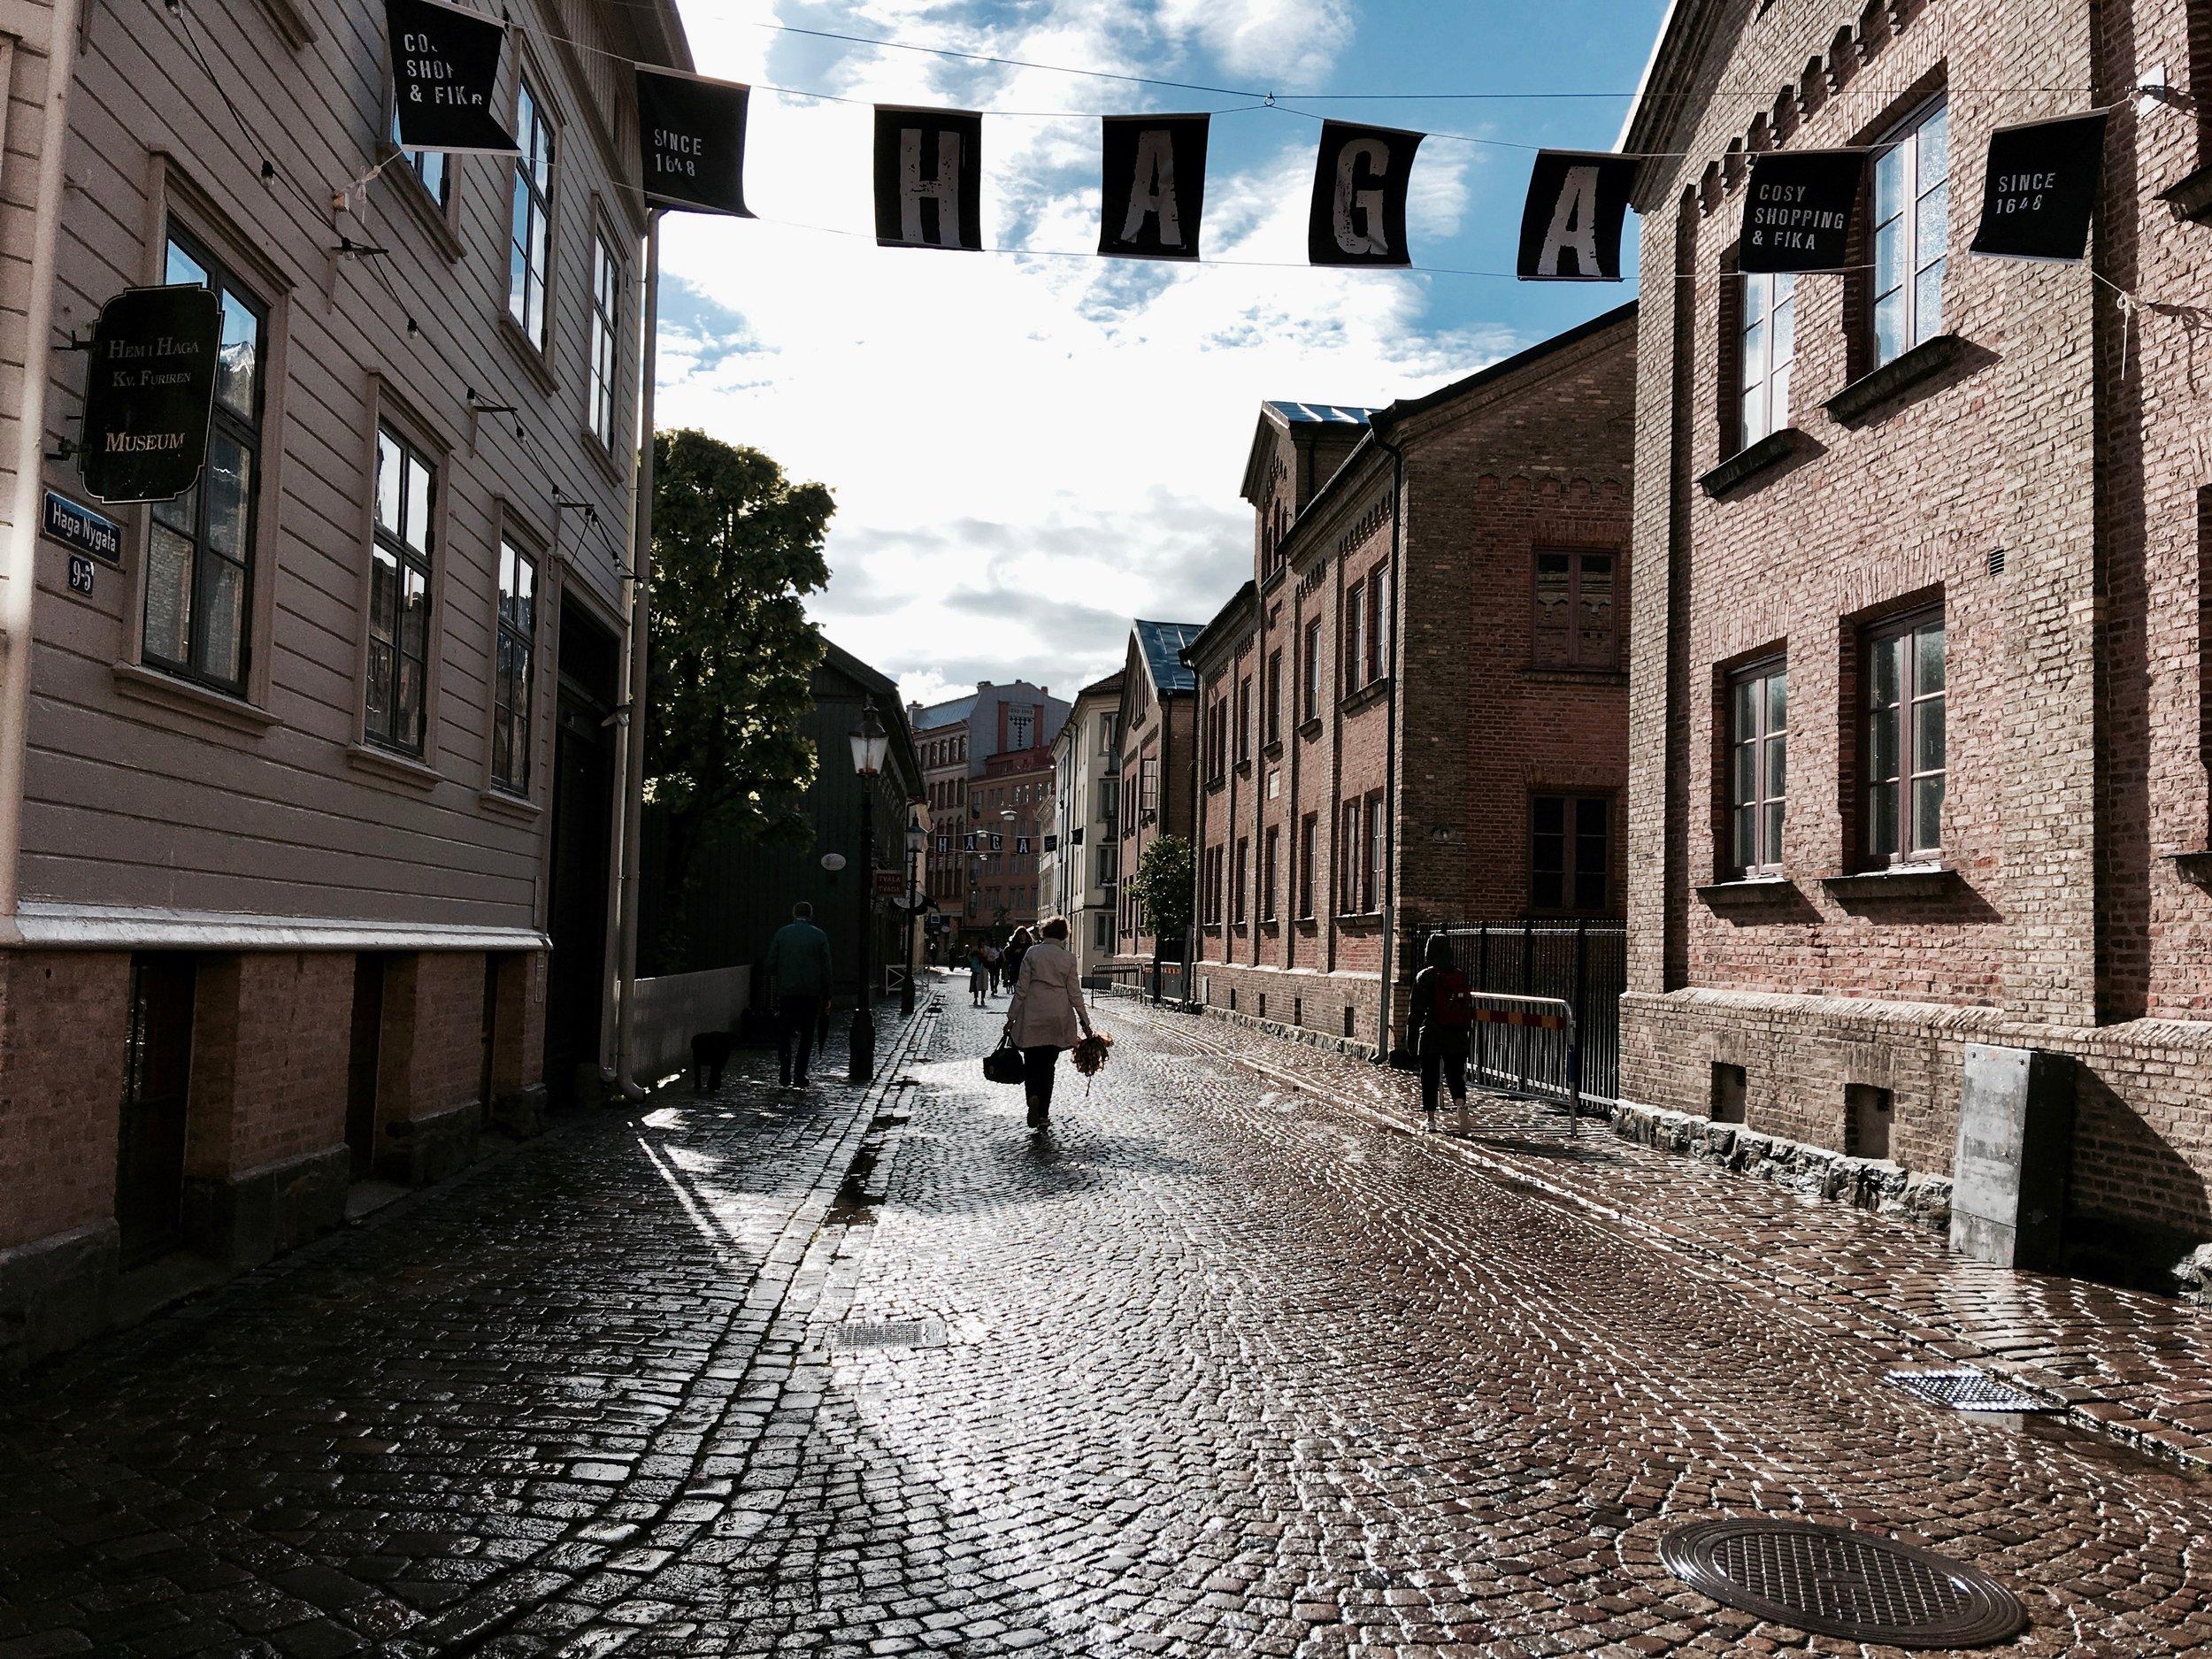 Haga Village- Gothenburg, Sweden